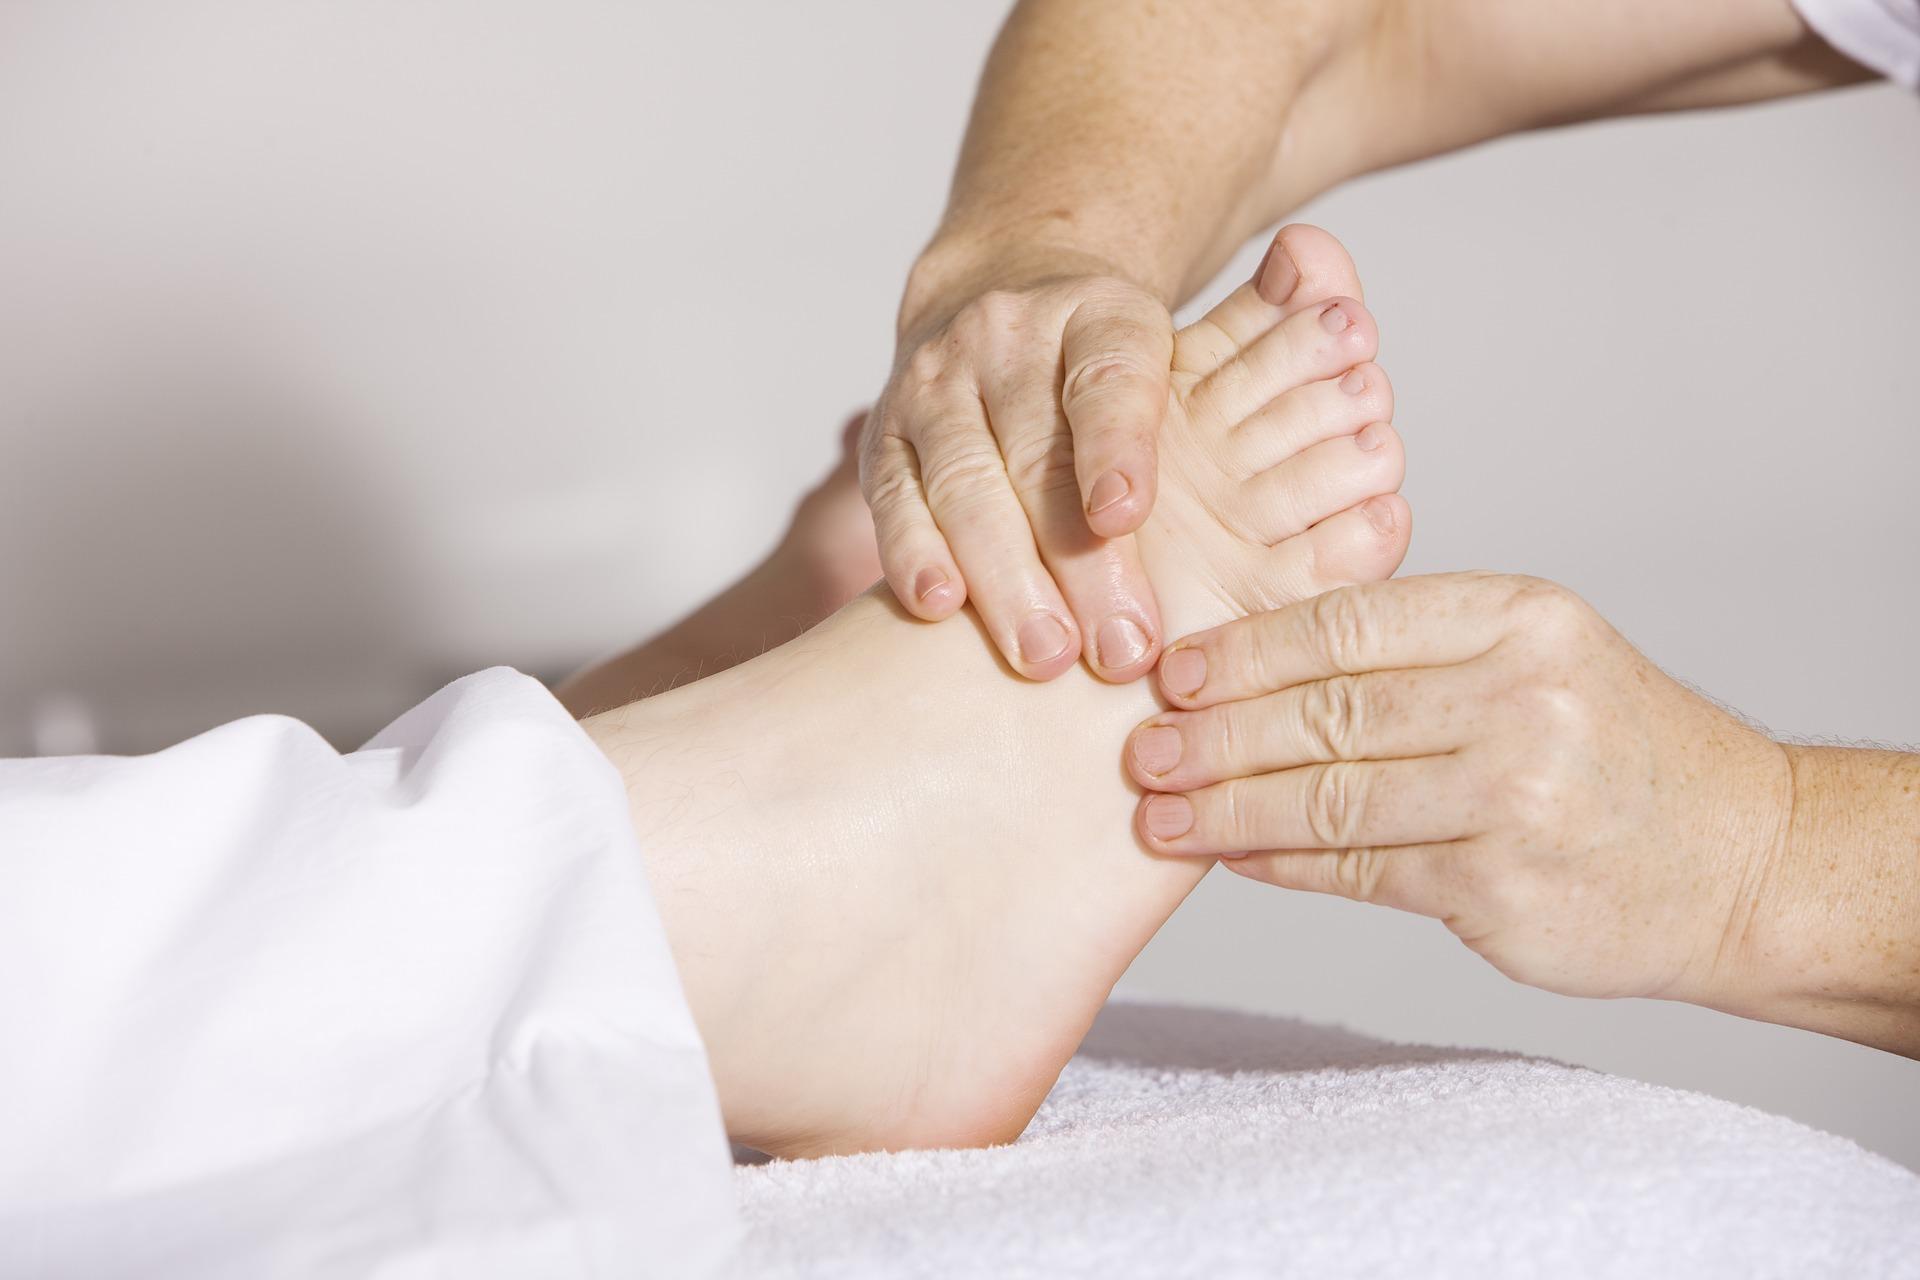 Ven a probar y difrutar mis masajes-2256